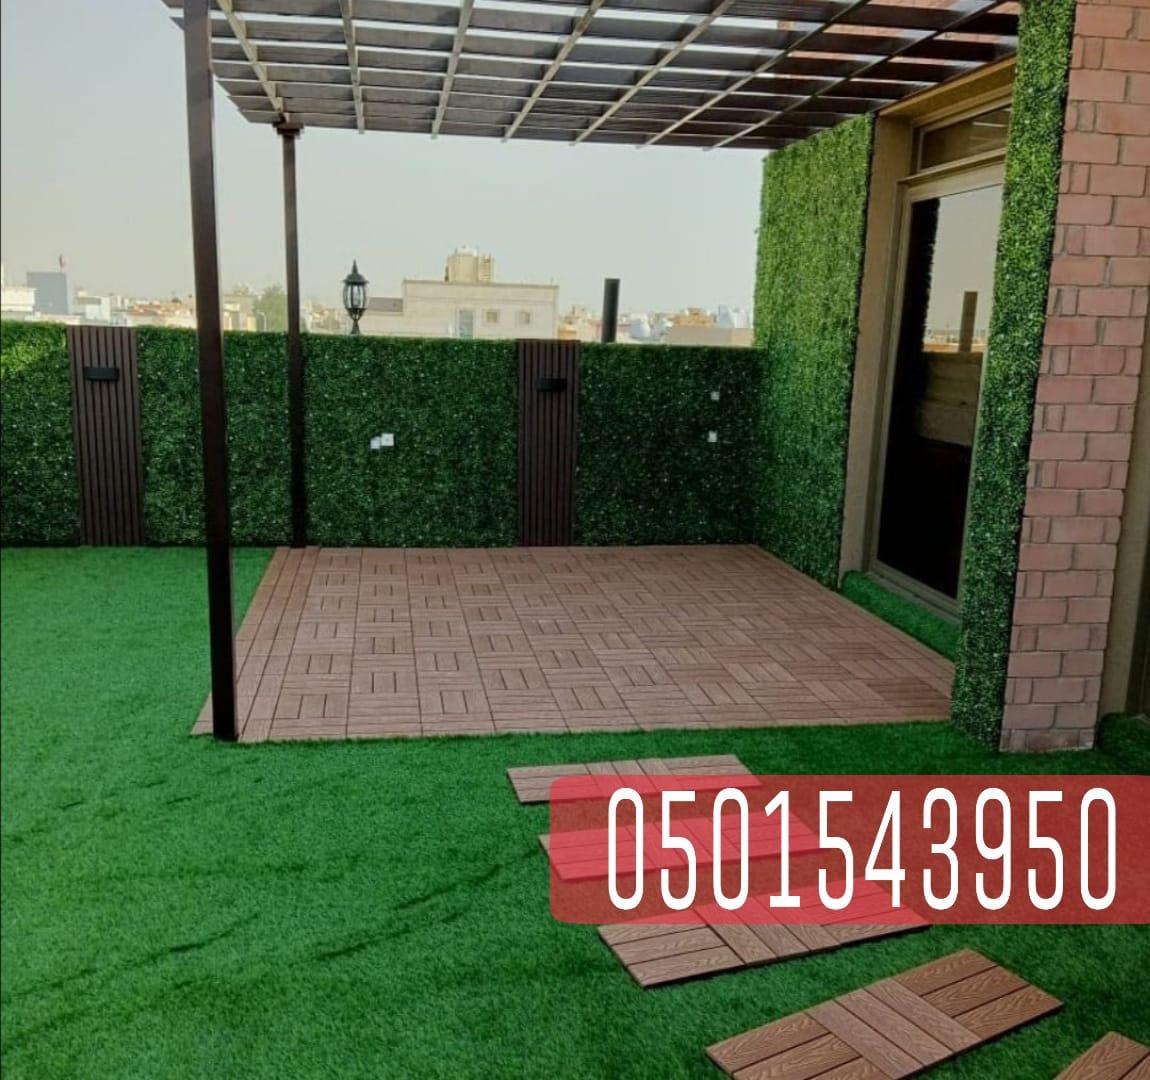 تصميم برجولات وتنسيق حدائق في مكة و جدة , 0501543950 P_207821ntg9